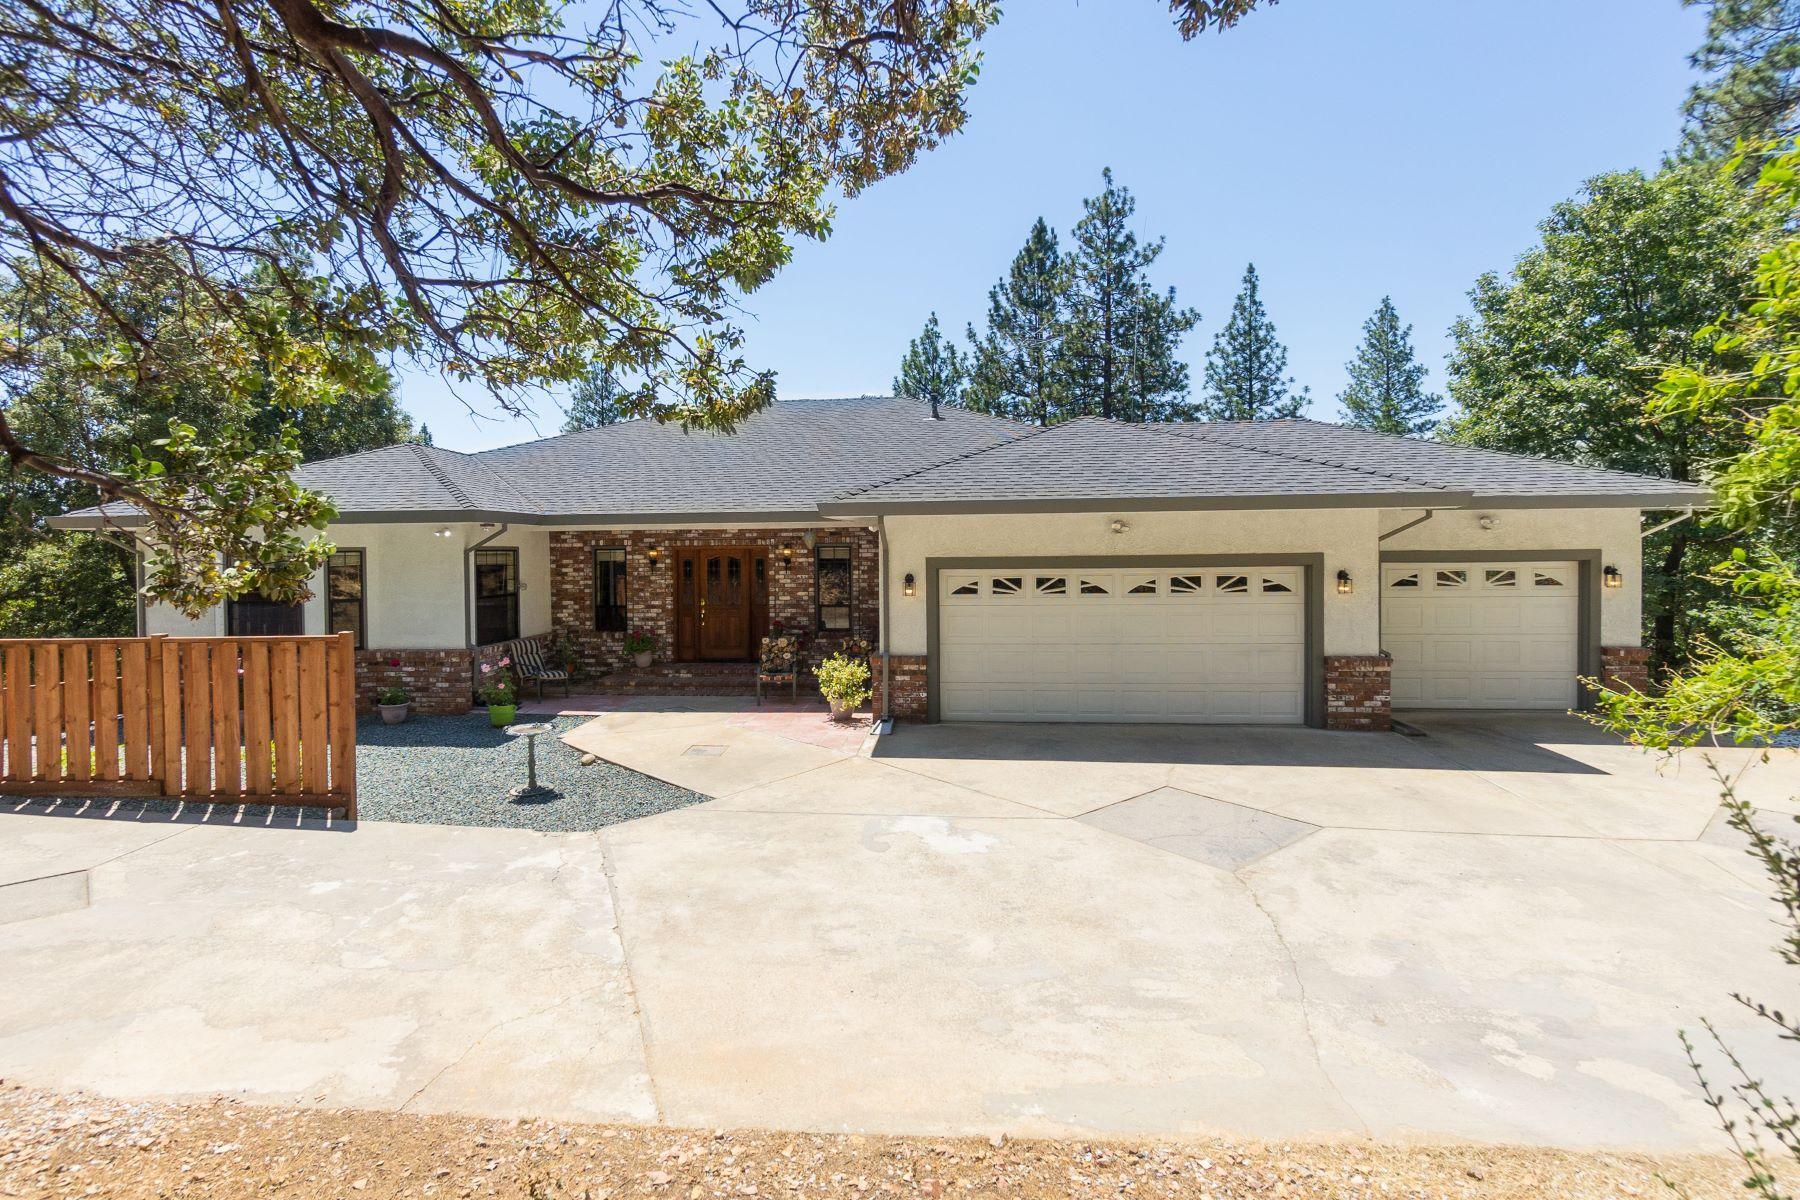 Maison unifamiliale pour l Vente à 21735 Homestead Road Pine Grove, Californie 95665 États-Unis